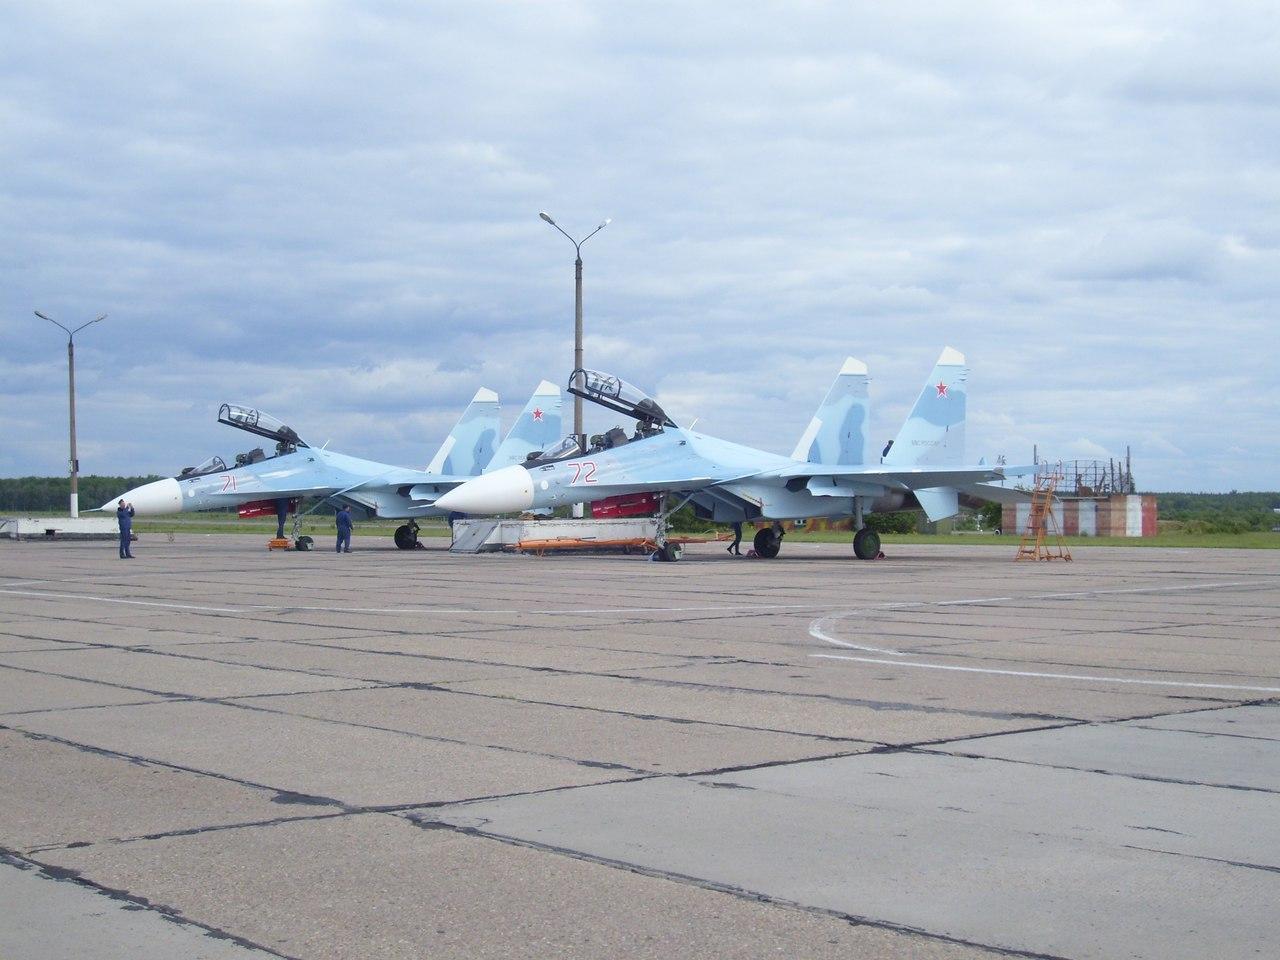 14-й гвардейский истребительный авиационный полк получил первые два истребителя Су-30СМ